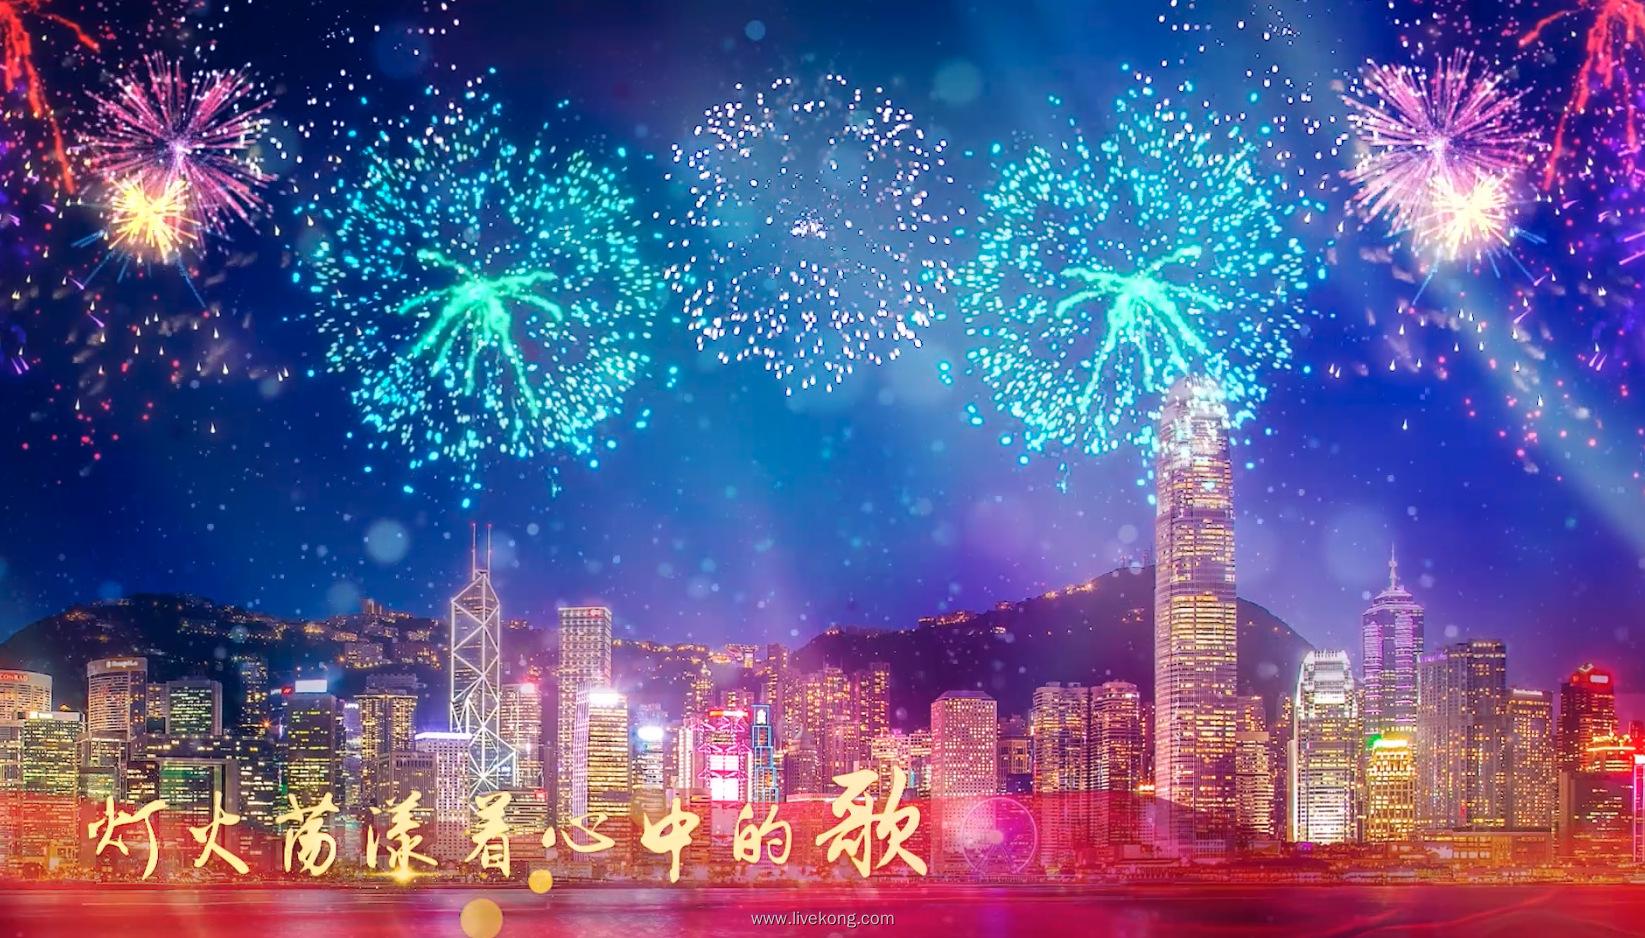 屏幕快照 2021 03 08 下午8.18.25 - 灯火里的中国led视频背景素材